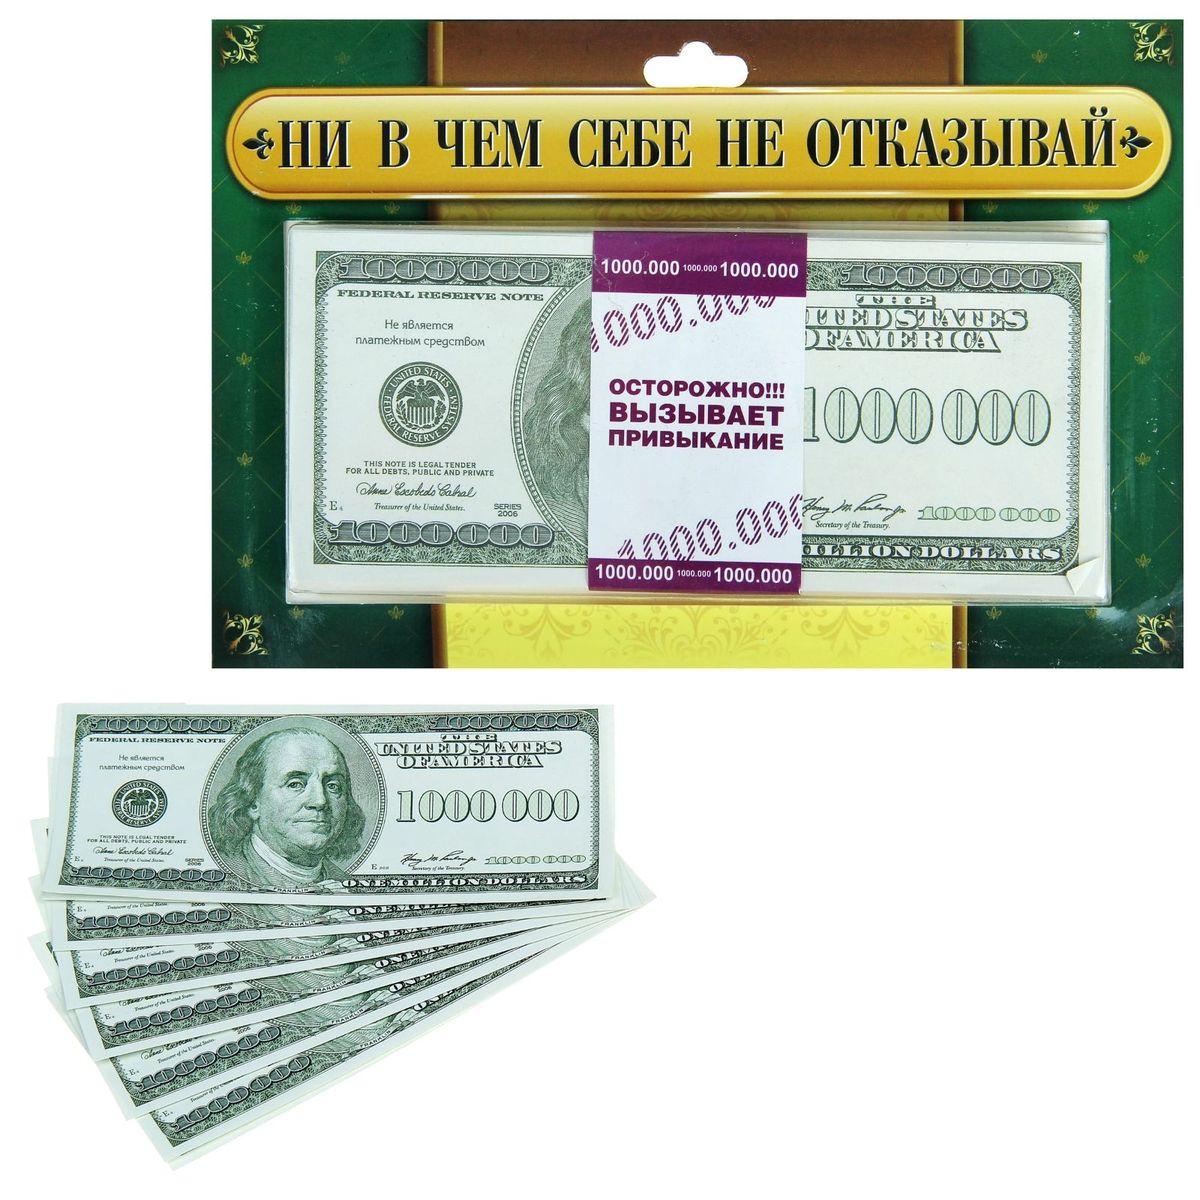 Деньги для выкупа Sima-land Ни в чем себе не отказывай, 15,7 х 6,7 см918528Хотите весело и щедро выкупить невесту? Легко! С вас - боевое настроение, а о деньгах не волнуйтесь! Набор Sima-land Ни в чем себе не отказывай состоит из 100 банкнот номиналом 1000000$. Такие шуточные купюры пригодятся жениху для того, чтобы откупиться от некоторых заданий при выкупе невесты. Подойдут также и для проведения свадебных конкурсов.Размер купюры: 15,7 х 6,7 см.